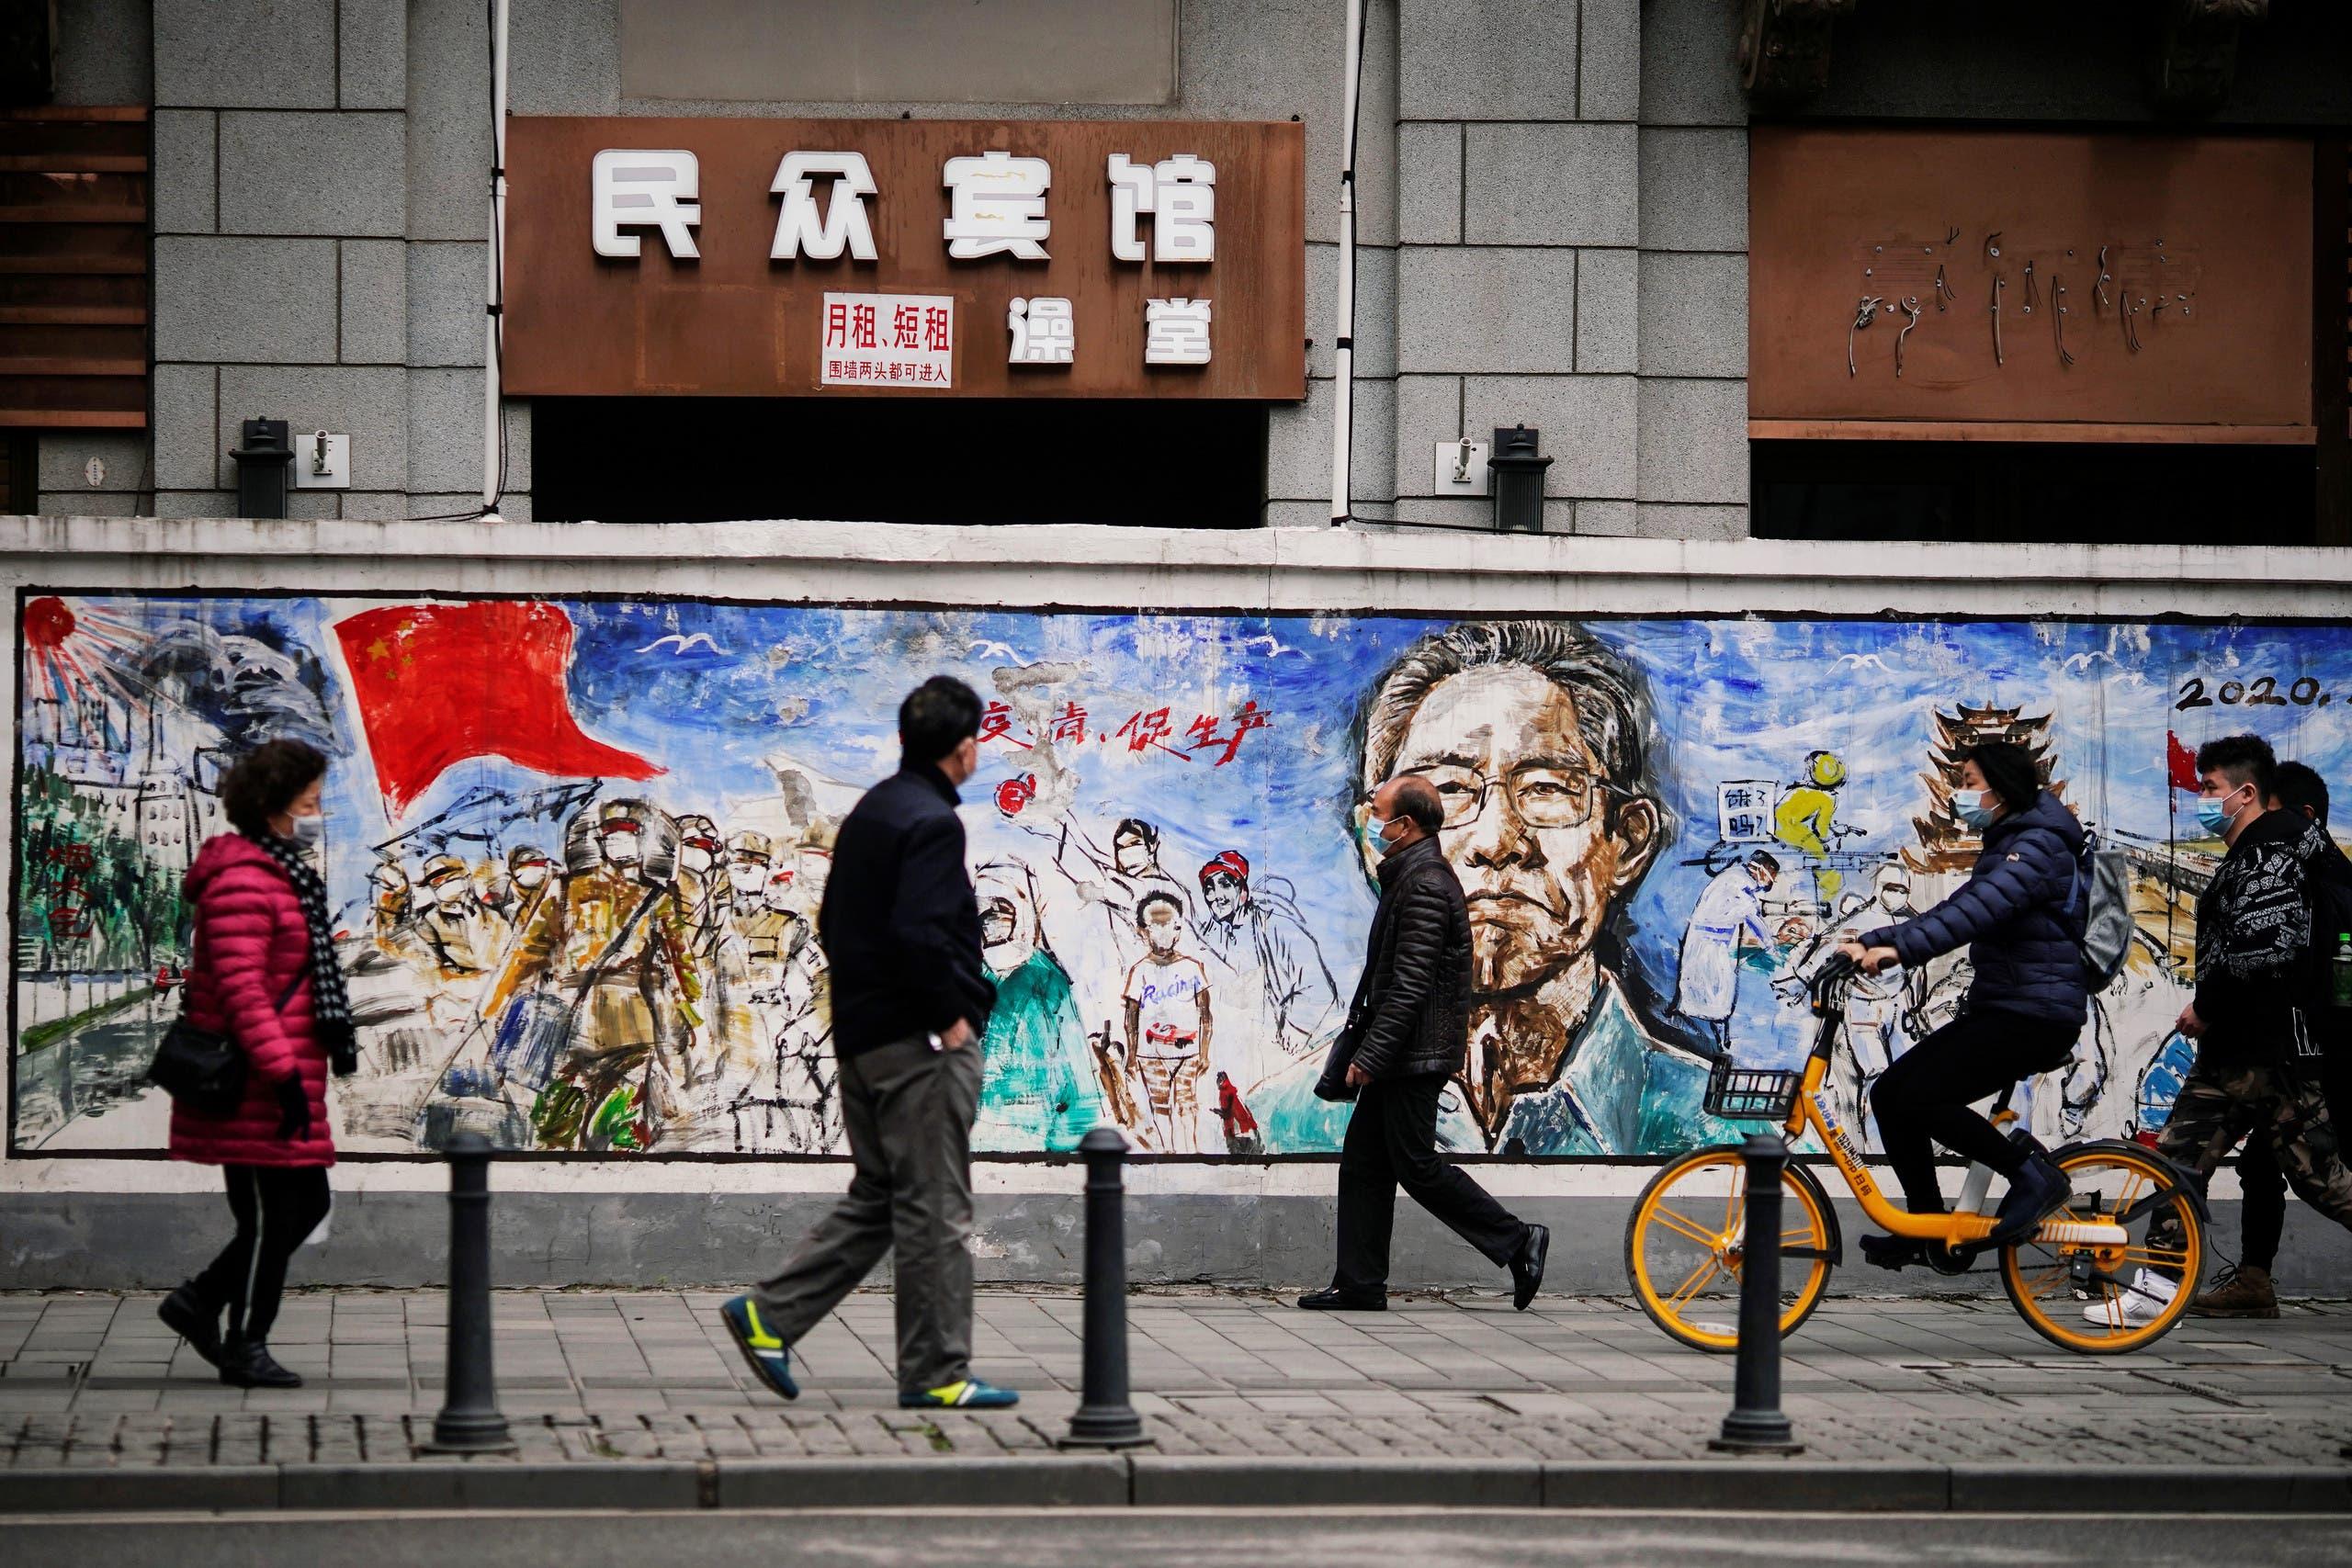 من شوارع ووهان في الصين - رويترز